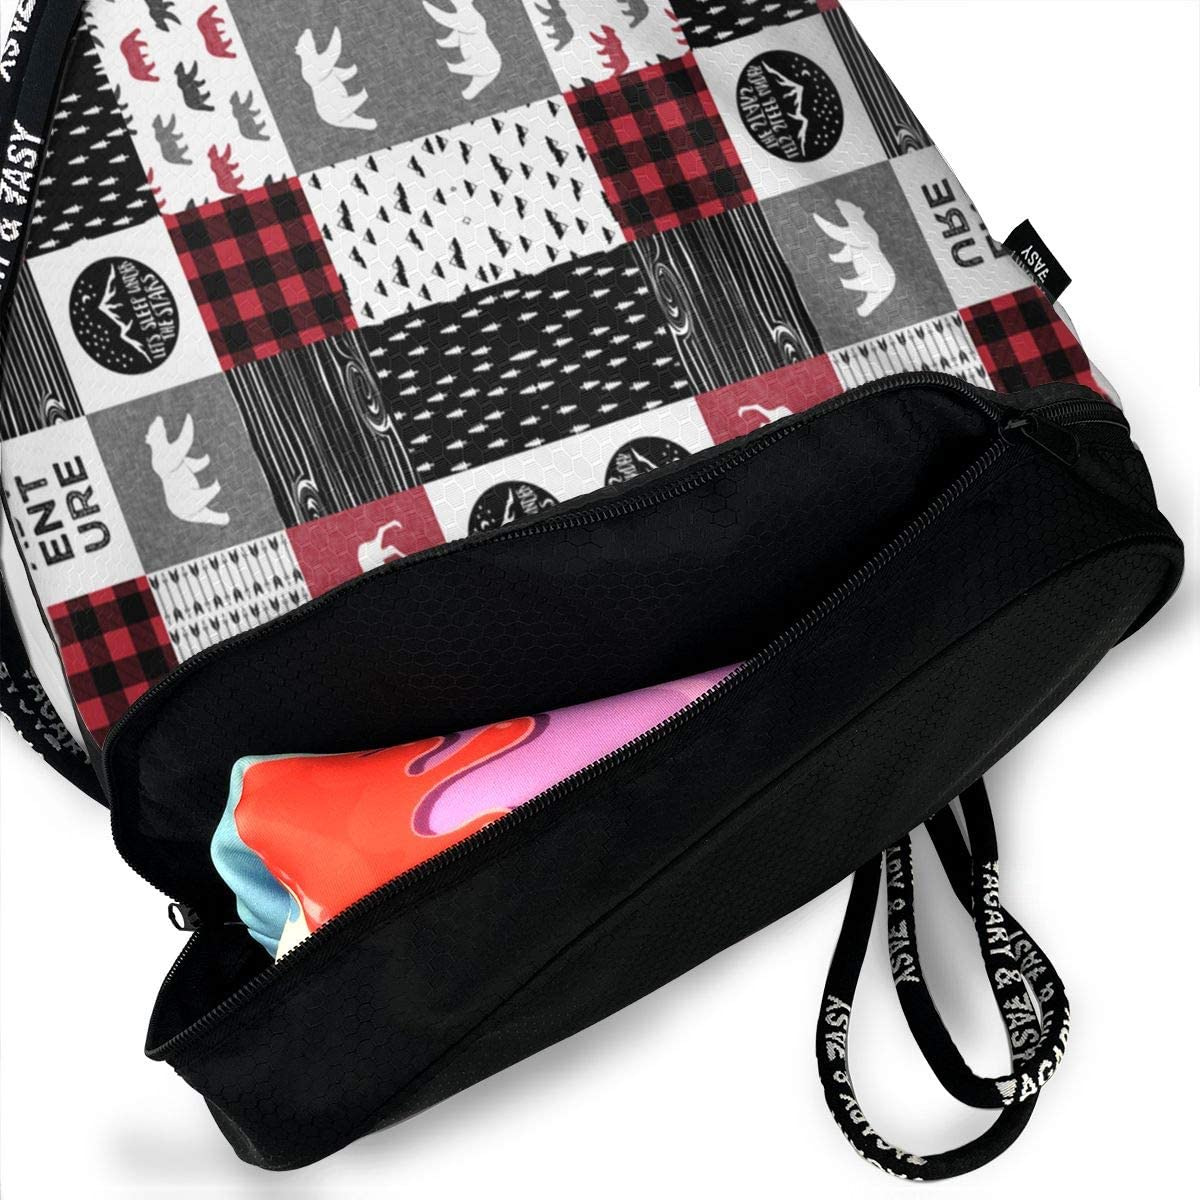 HUOPR5Q Music World Drawstring Backpack Sport Gym Sack Shoulder Bulk Bag Dance Bag for School Travel